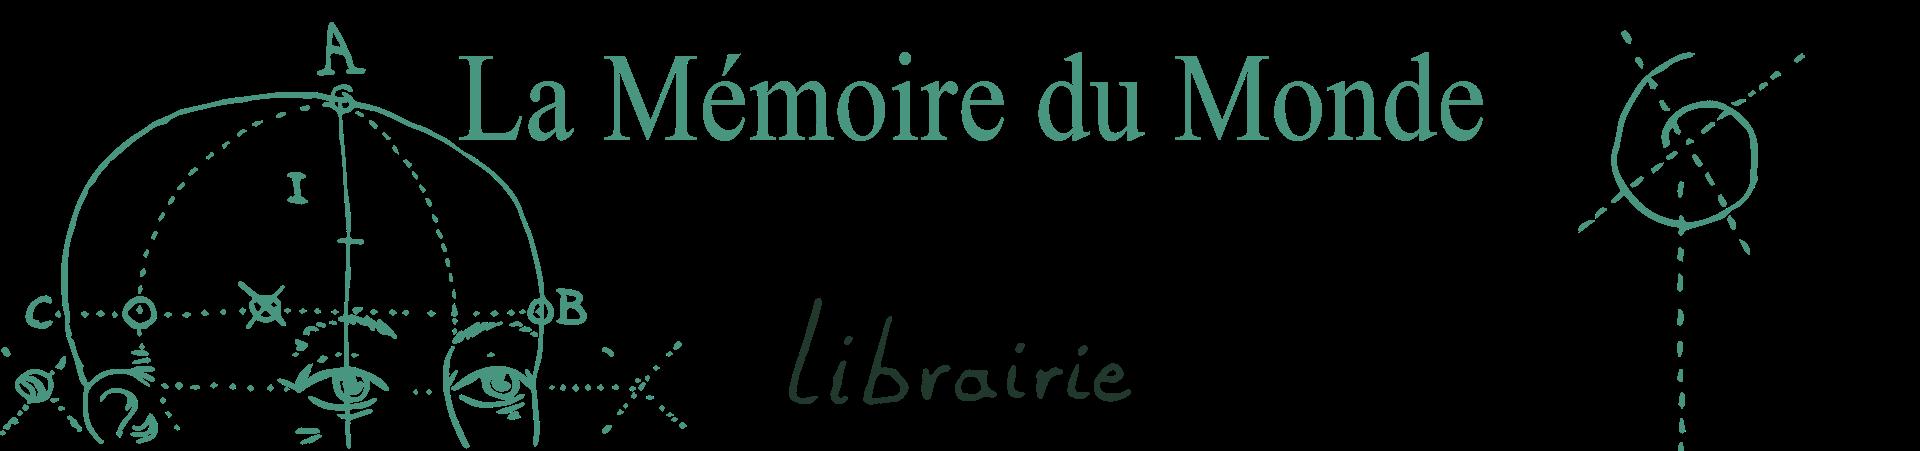 Librairie La Mémoire du Monde